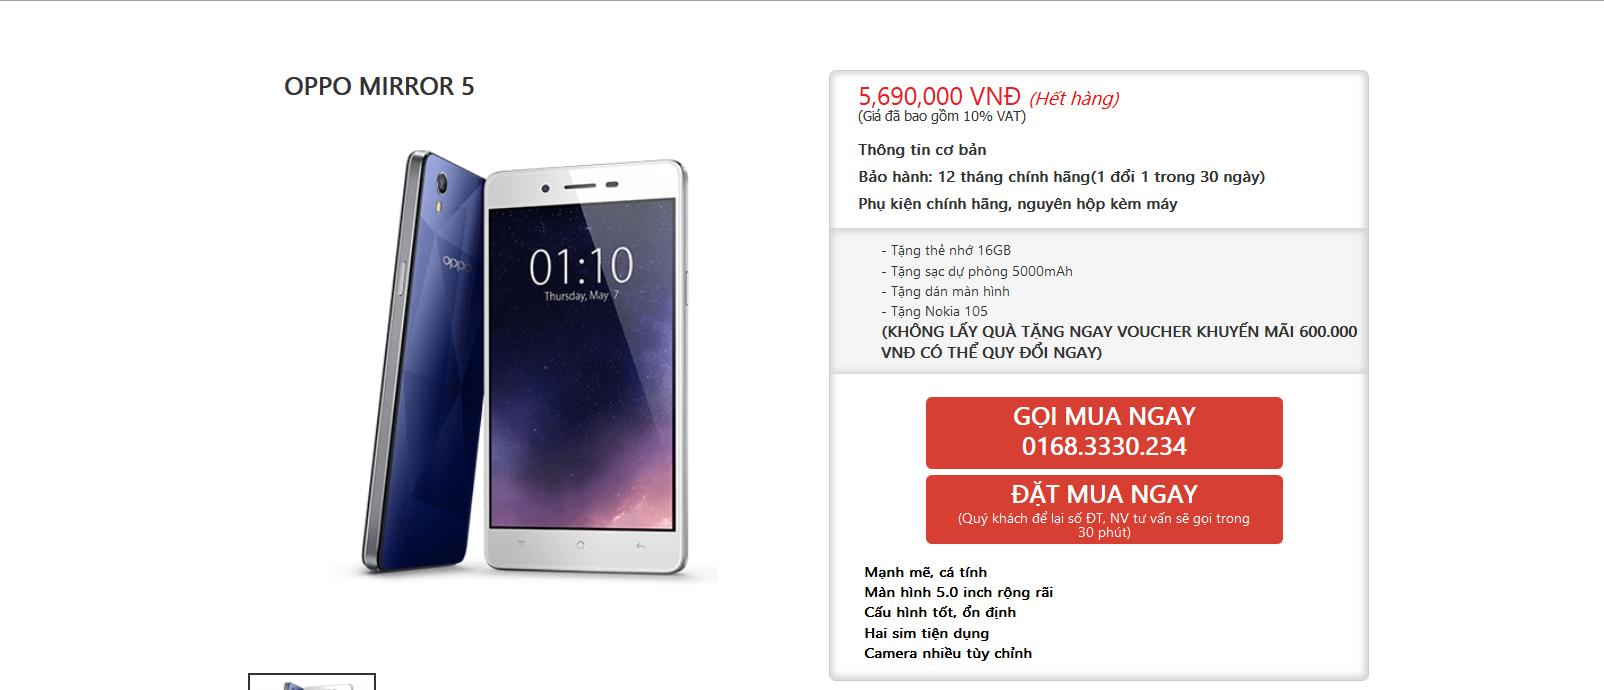 Smartphone Hng P Oppo Mirror 5 C Gi Bn Chnh Thc Ti 16gb Th M Ng Nhiu Tc V Cng Lc Nh Ci T Dng Hn Khng B Ch Dung Lng